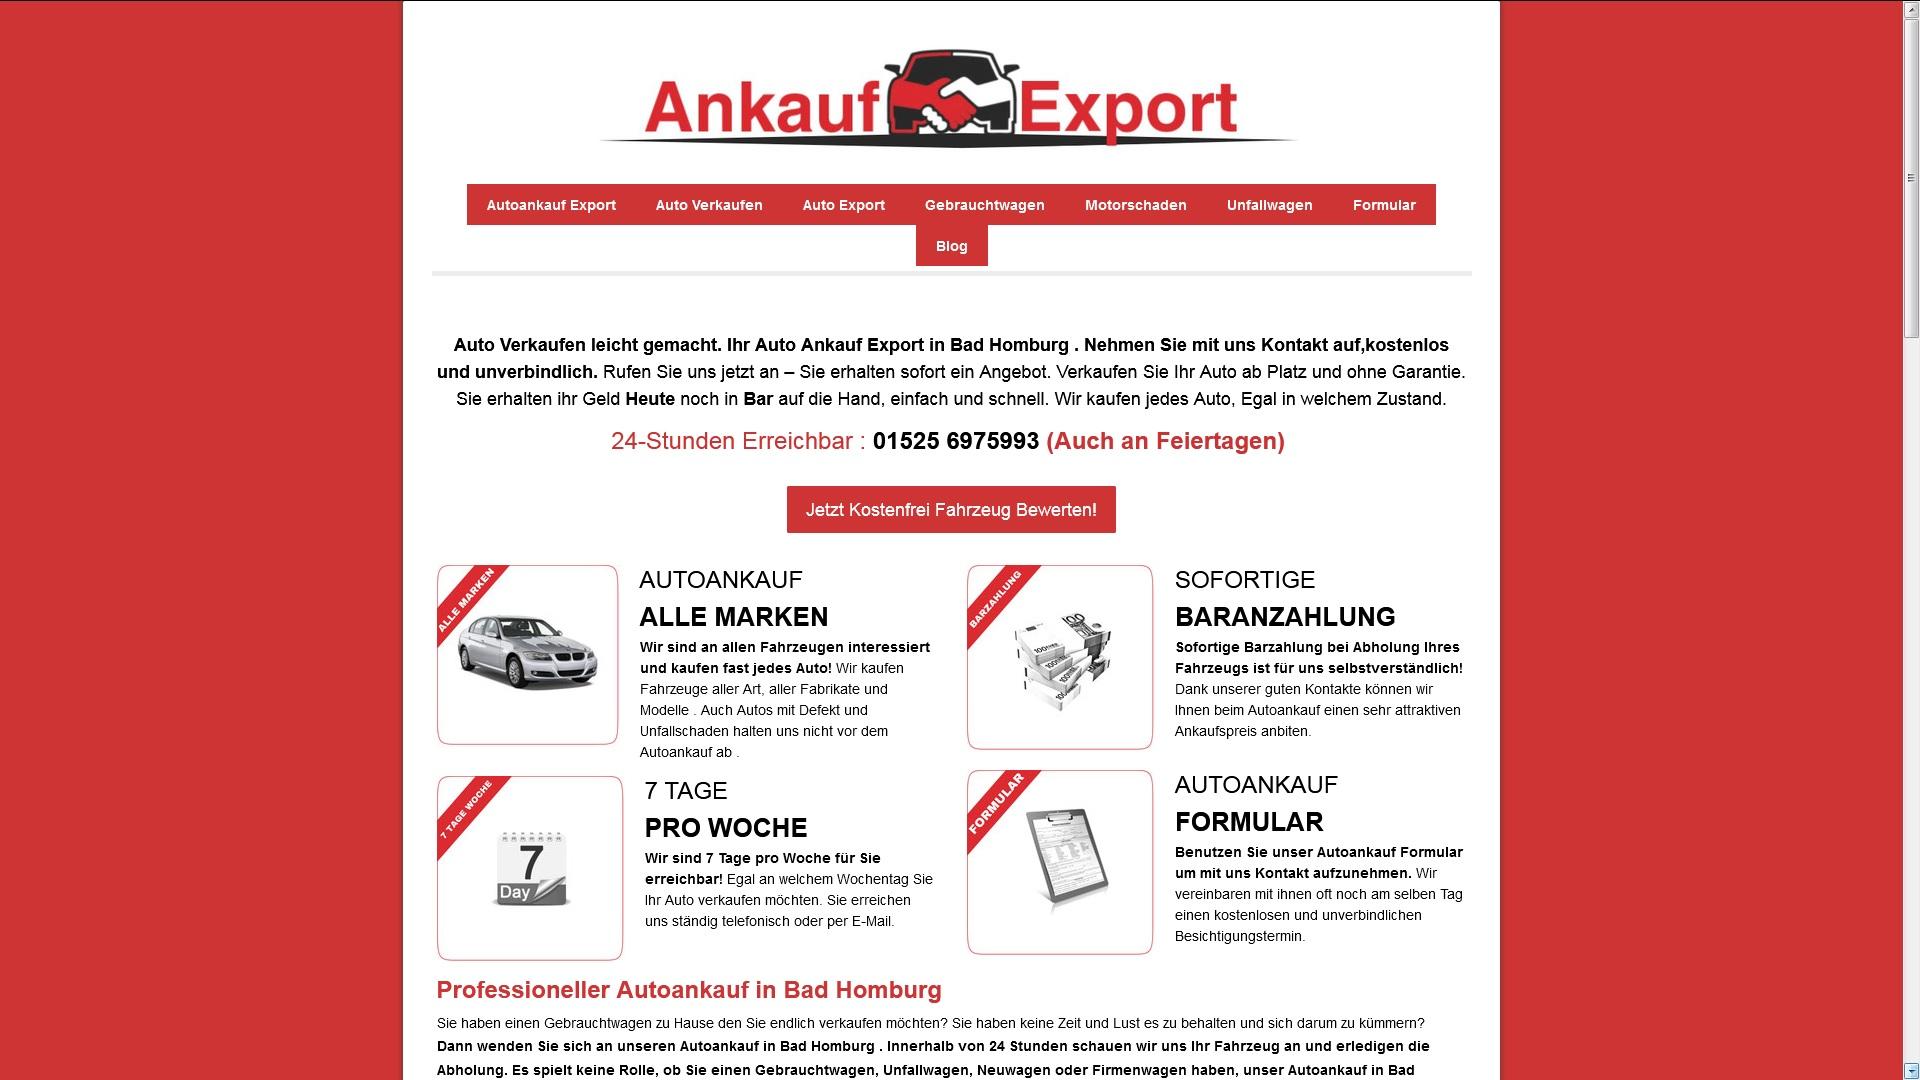 autoankauf fulda wir kaufen dein gebrauchtwagen - Autoankauf Fulda wir kaufen dein Gebrauchtwagen